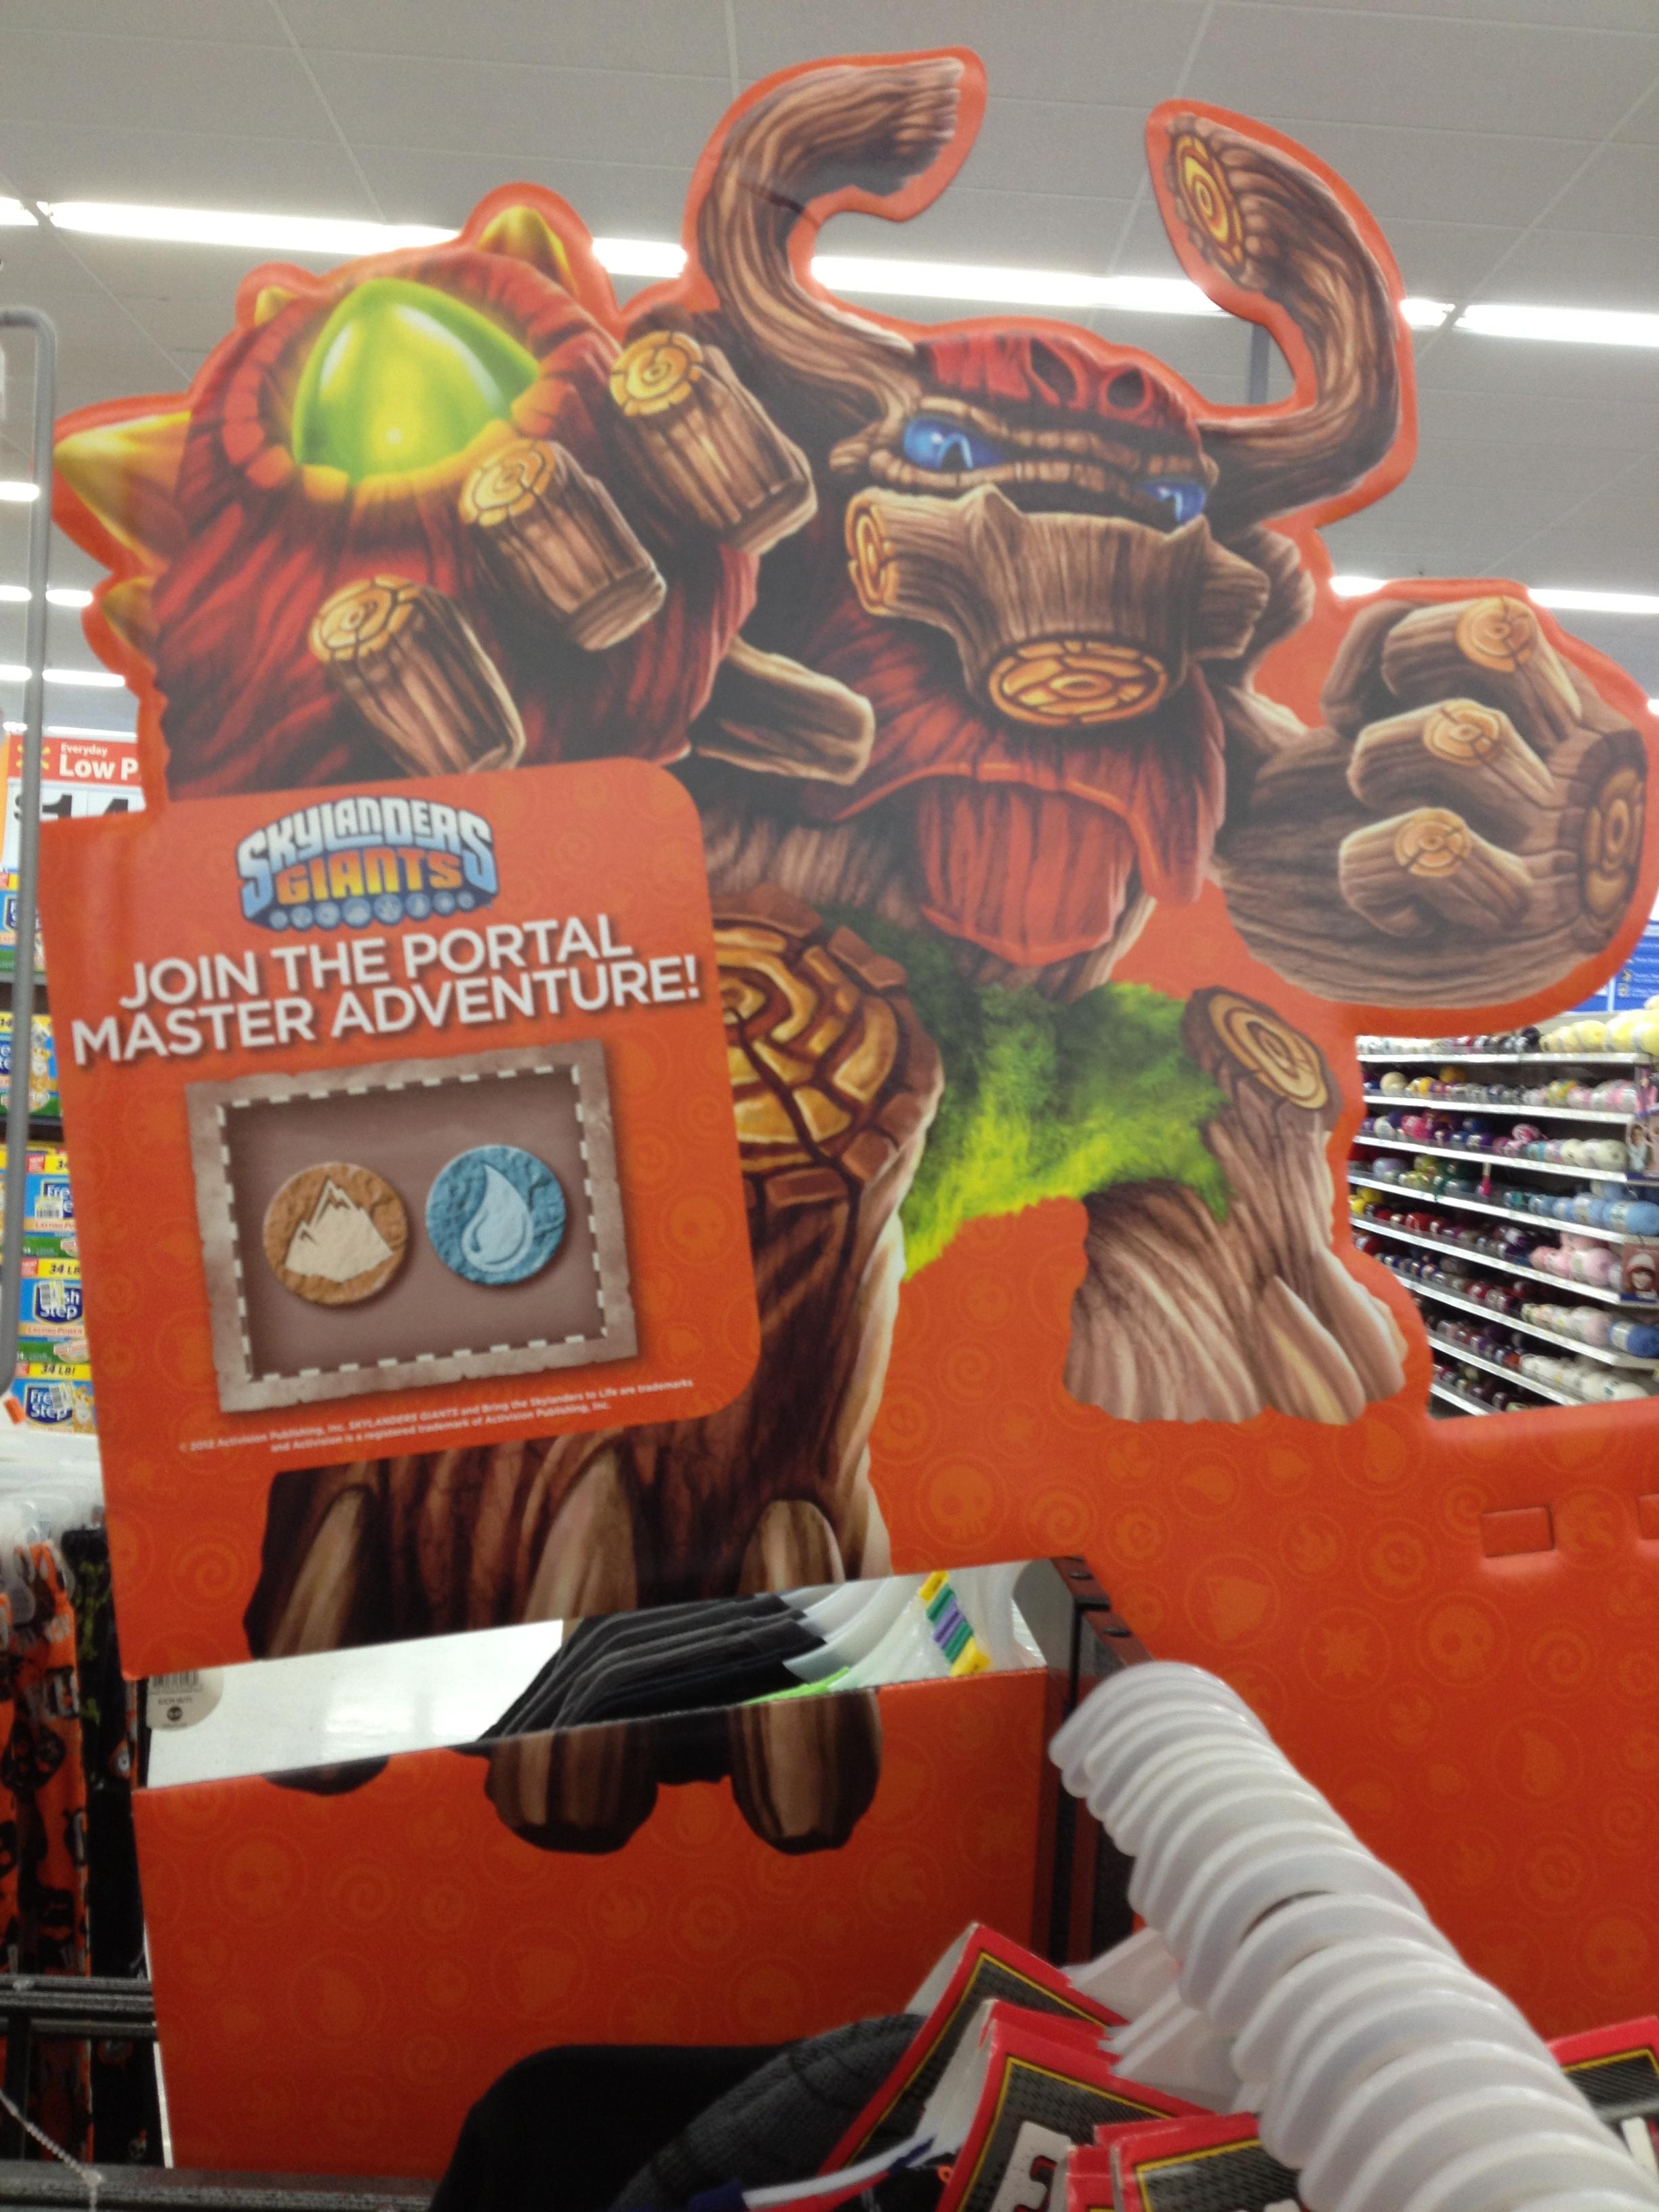 Walmart is Ready for Skylanders Sunday